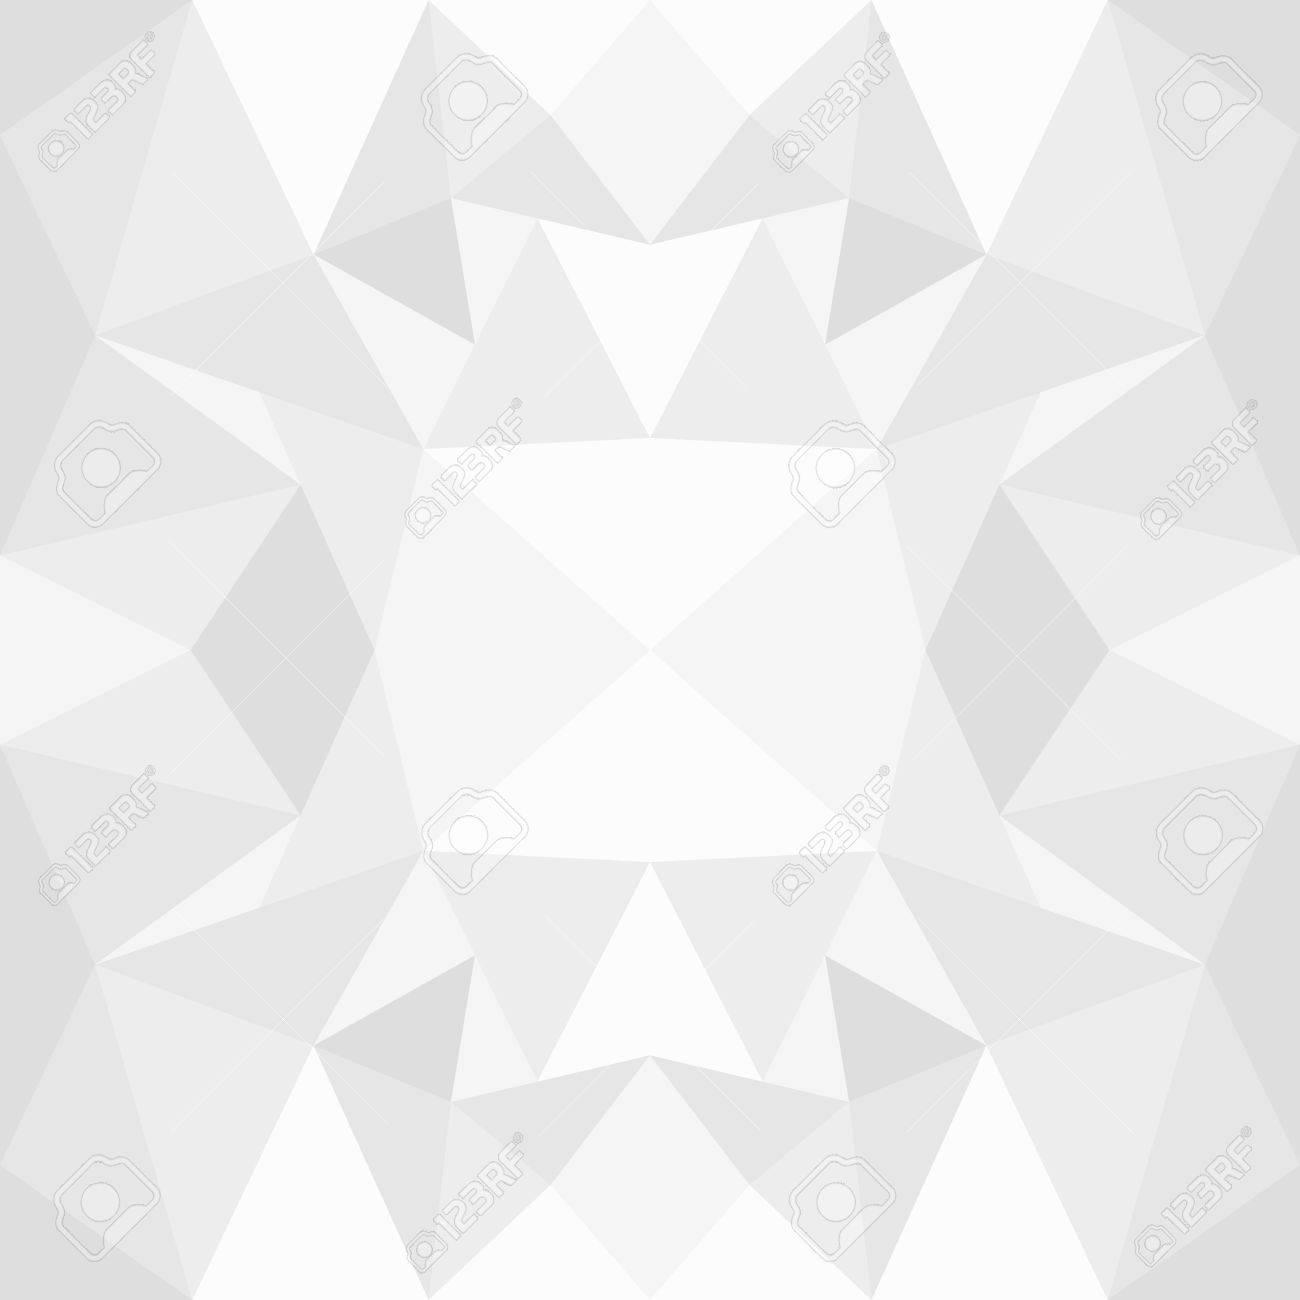 abstrait fond blanc geometrique modele pour la conception de style polygone vecteur de fond